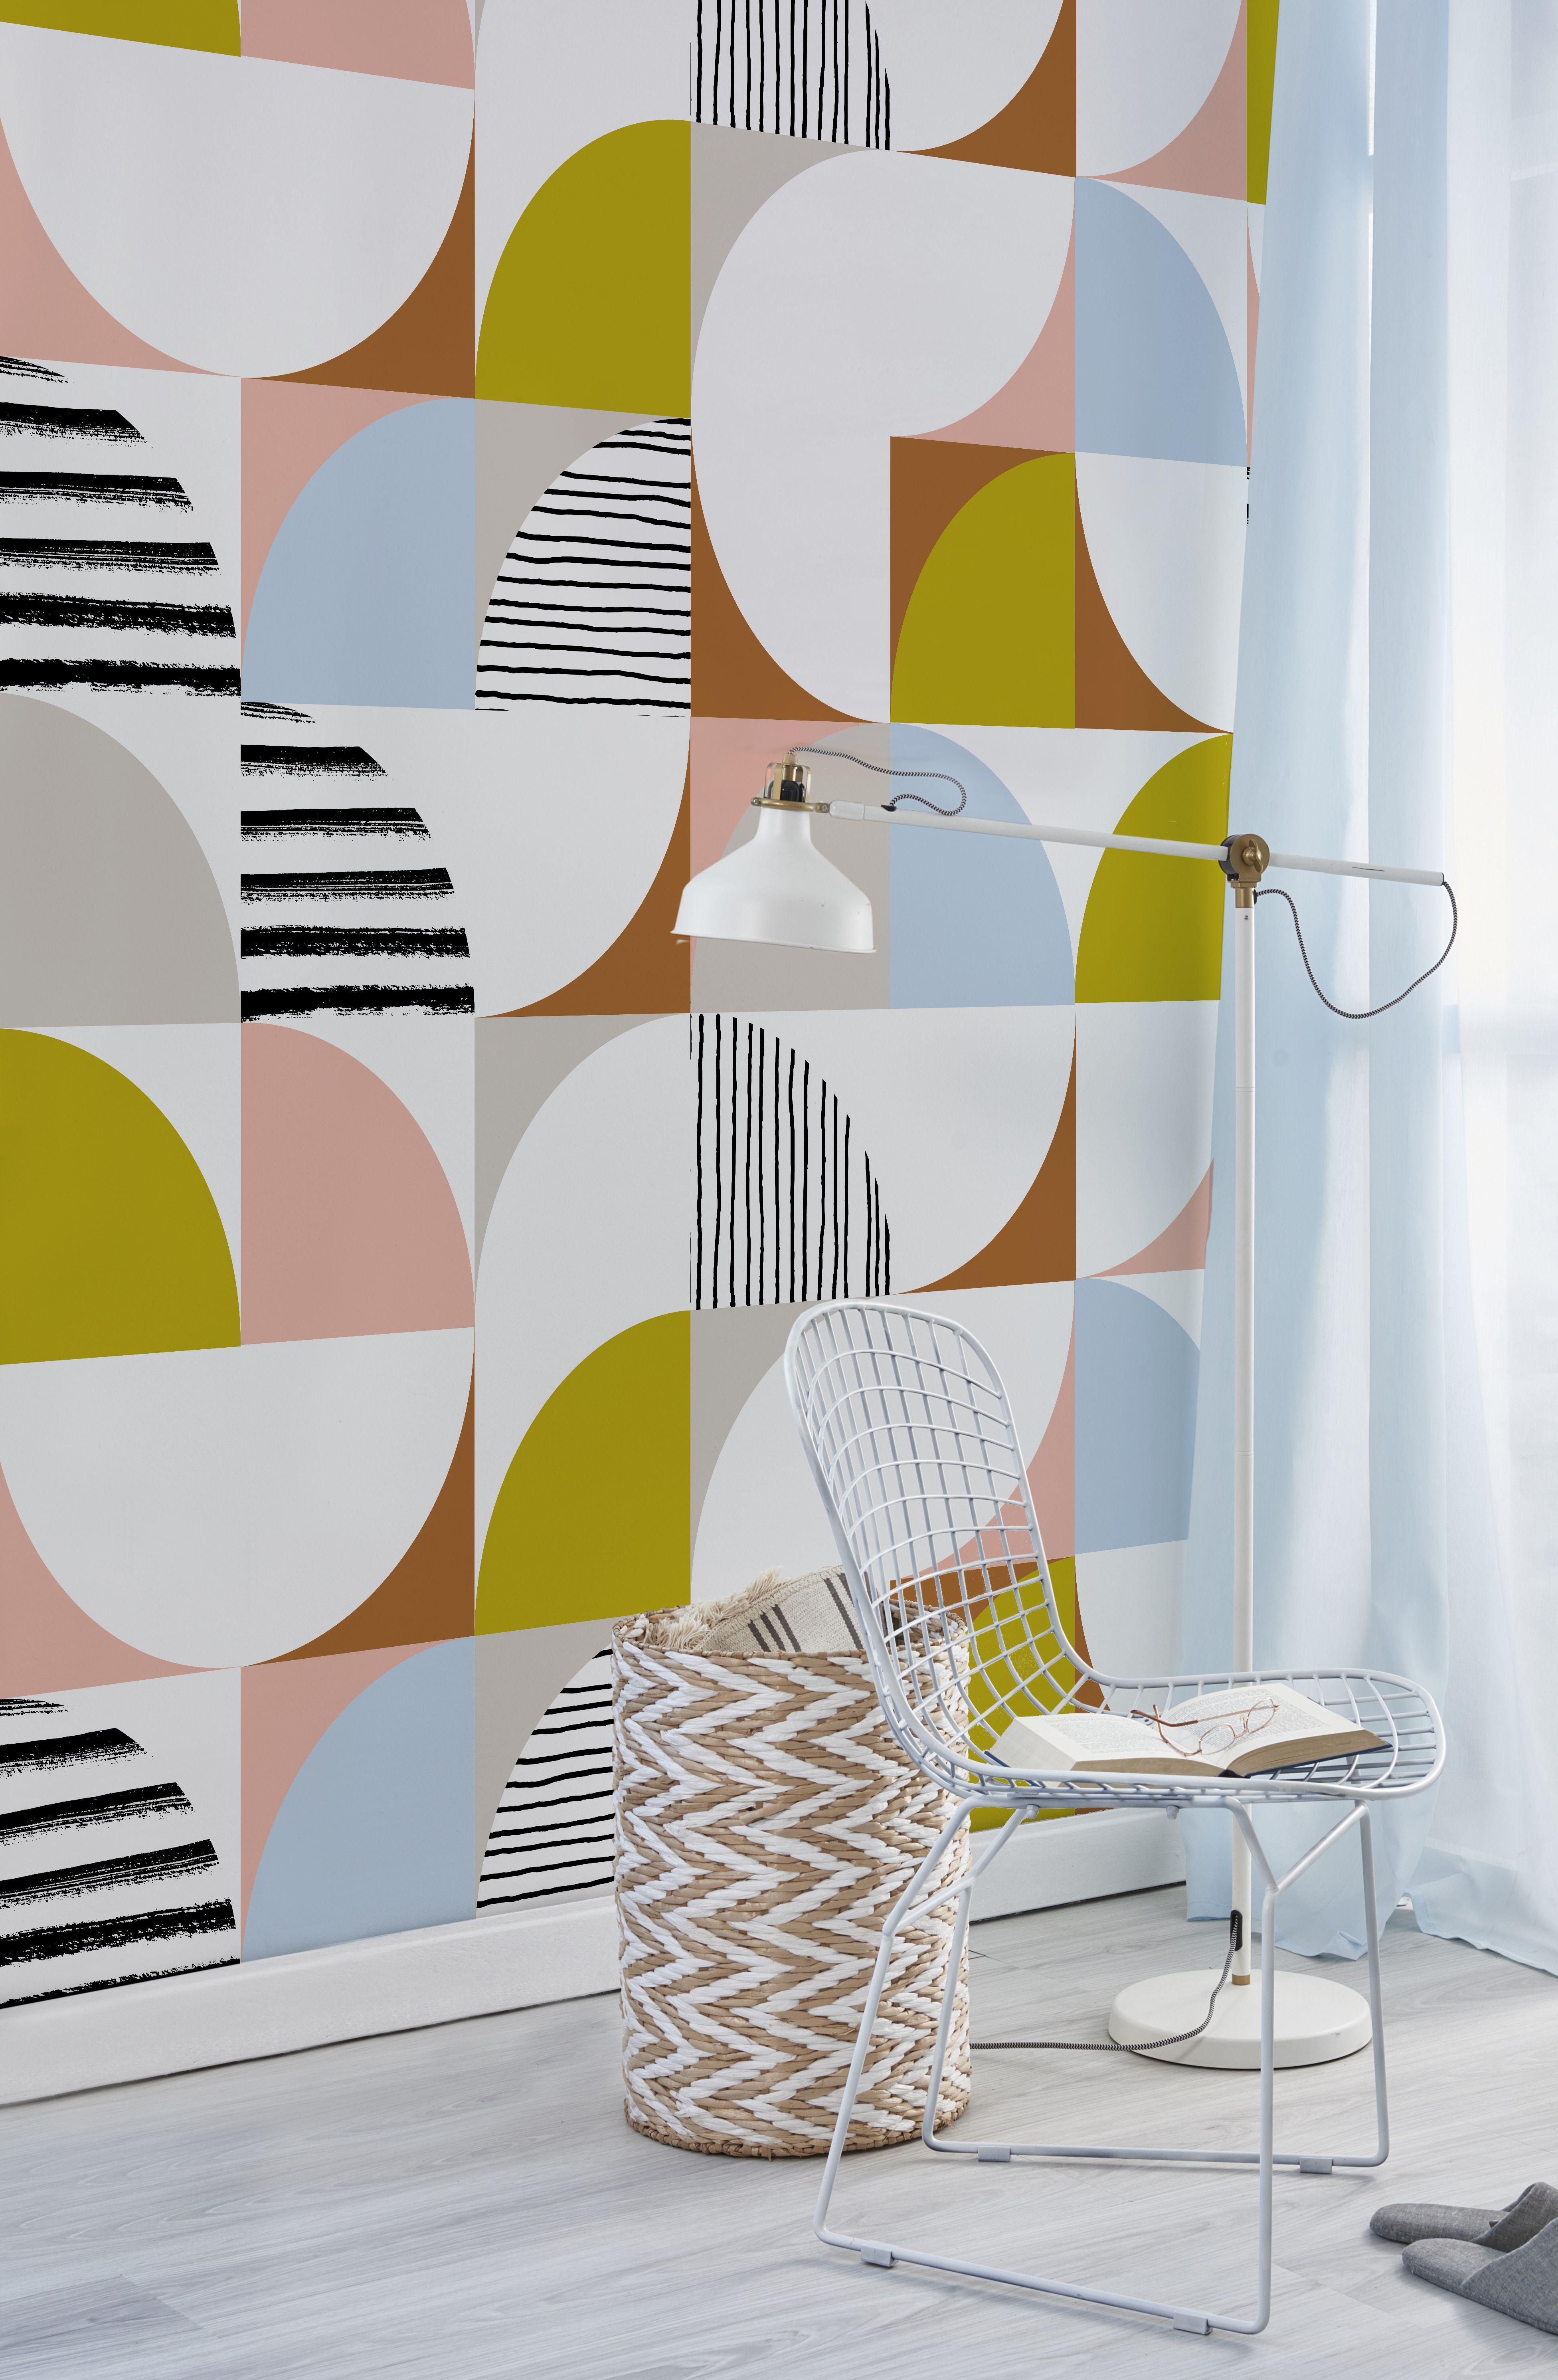 Mid Century Modern Mid Century Tiles Newmor Wallcoverings Mid Century Modern Wallpaper Mid Century Modern Patterns Mid Century Wall Art